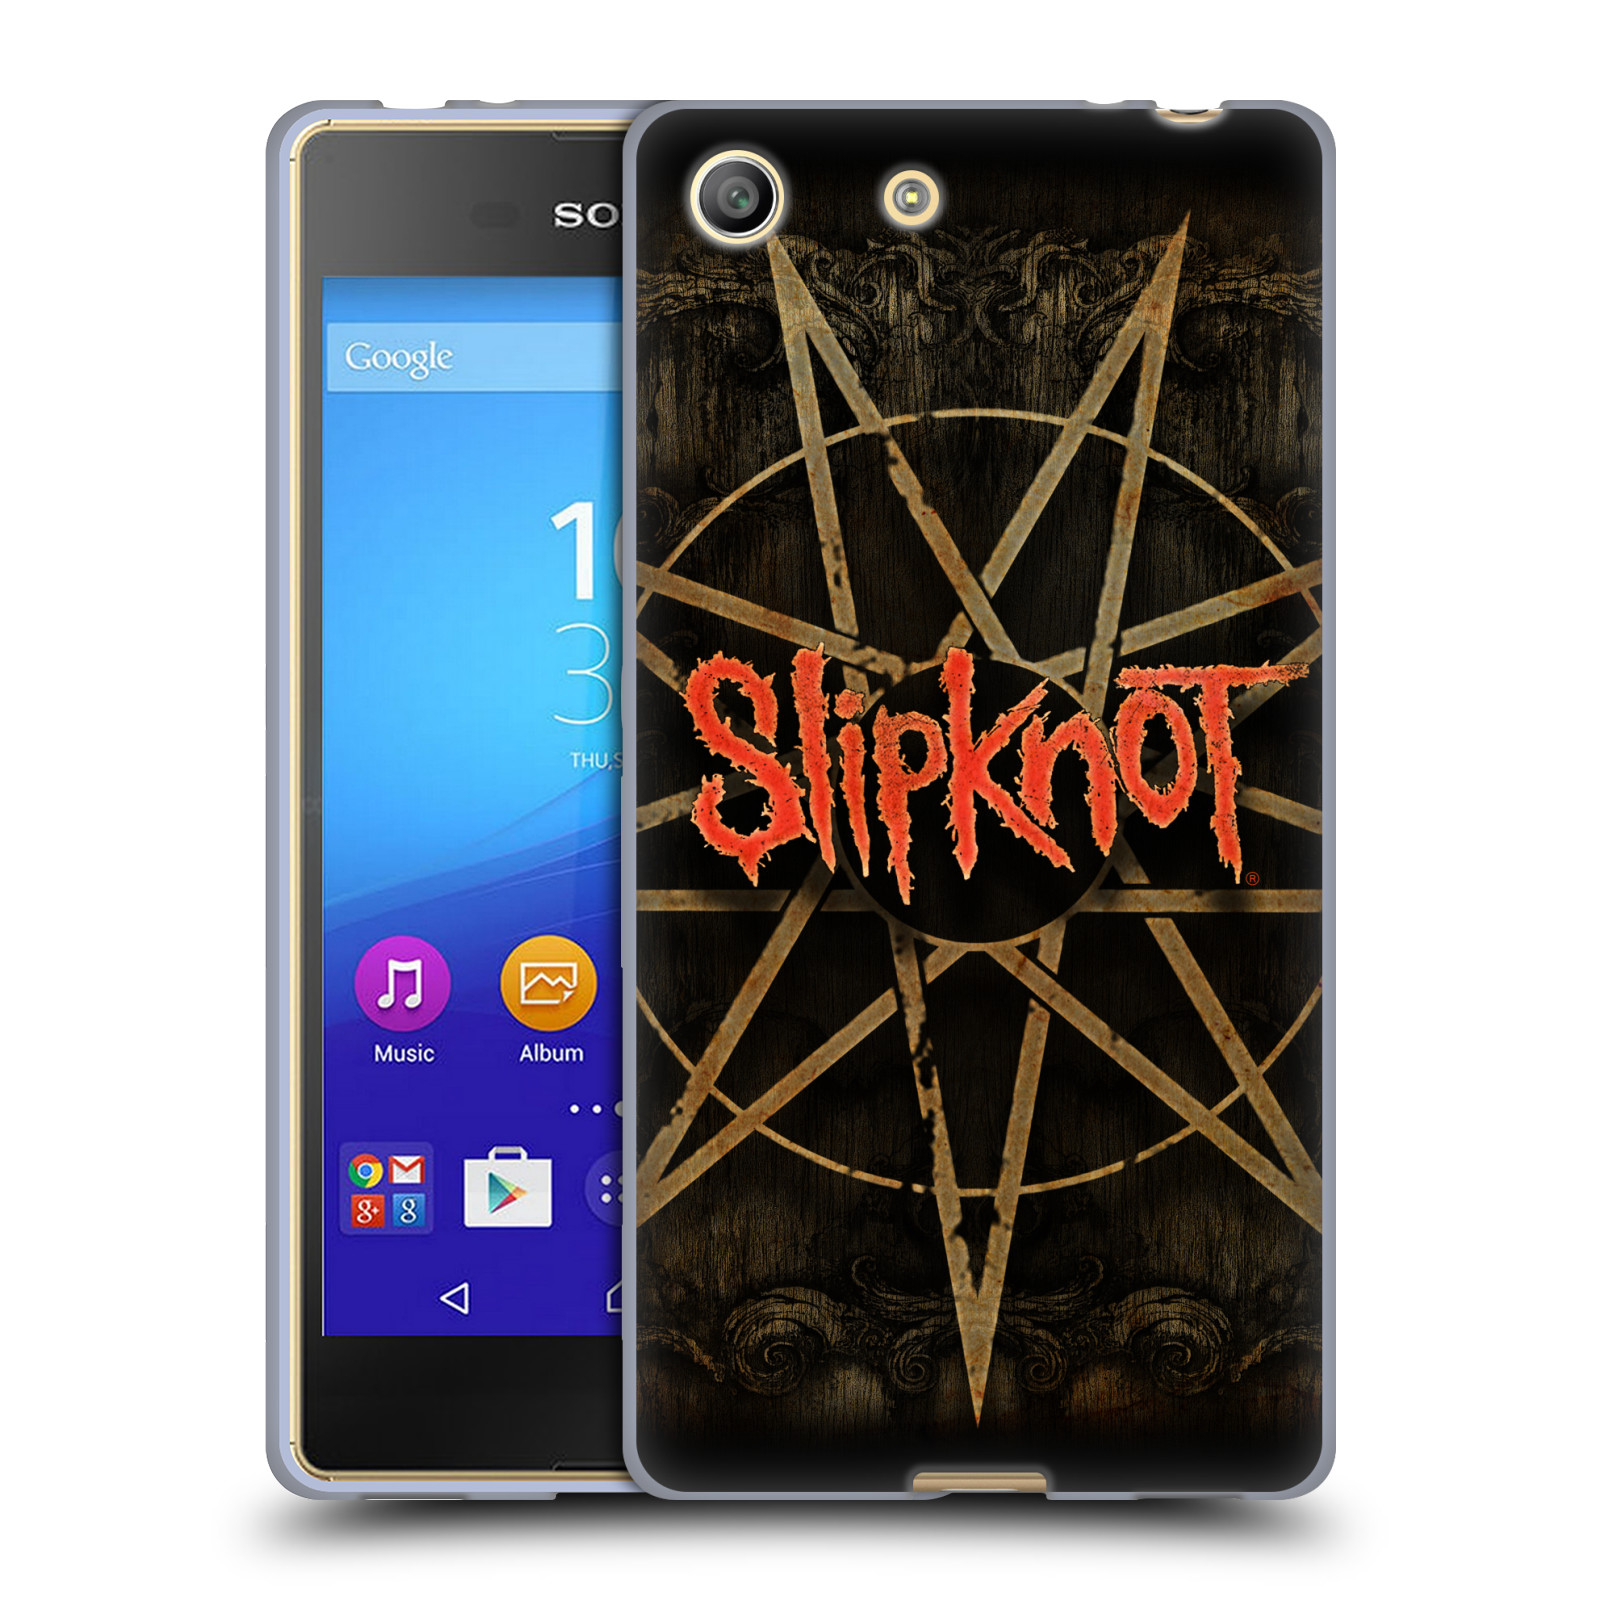 Silikonové pouzdro na mobil Sony Xperia M5 HEAD CASE Slipknot - Znak (Silikonový kryt či obal na mobilní telefon licencovaným motivem Slipknot pro Sony Xperia M5 Dual SIM / Aqua)